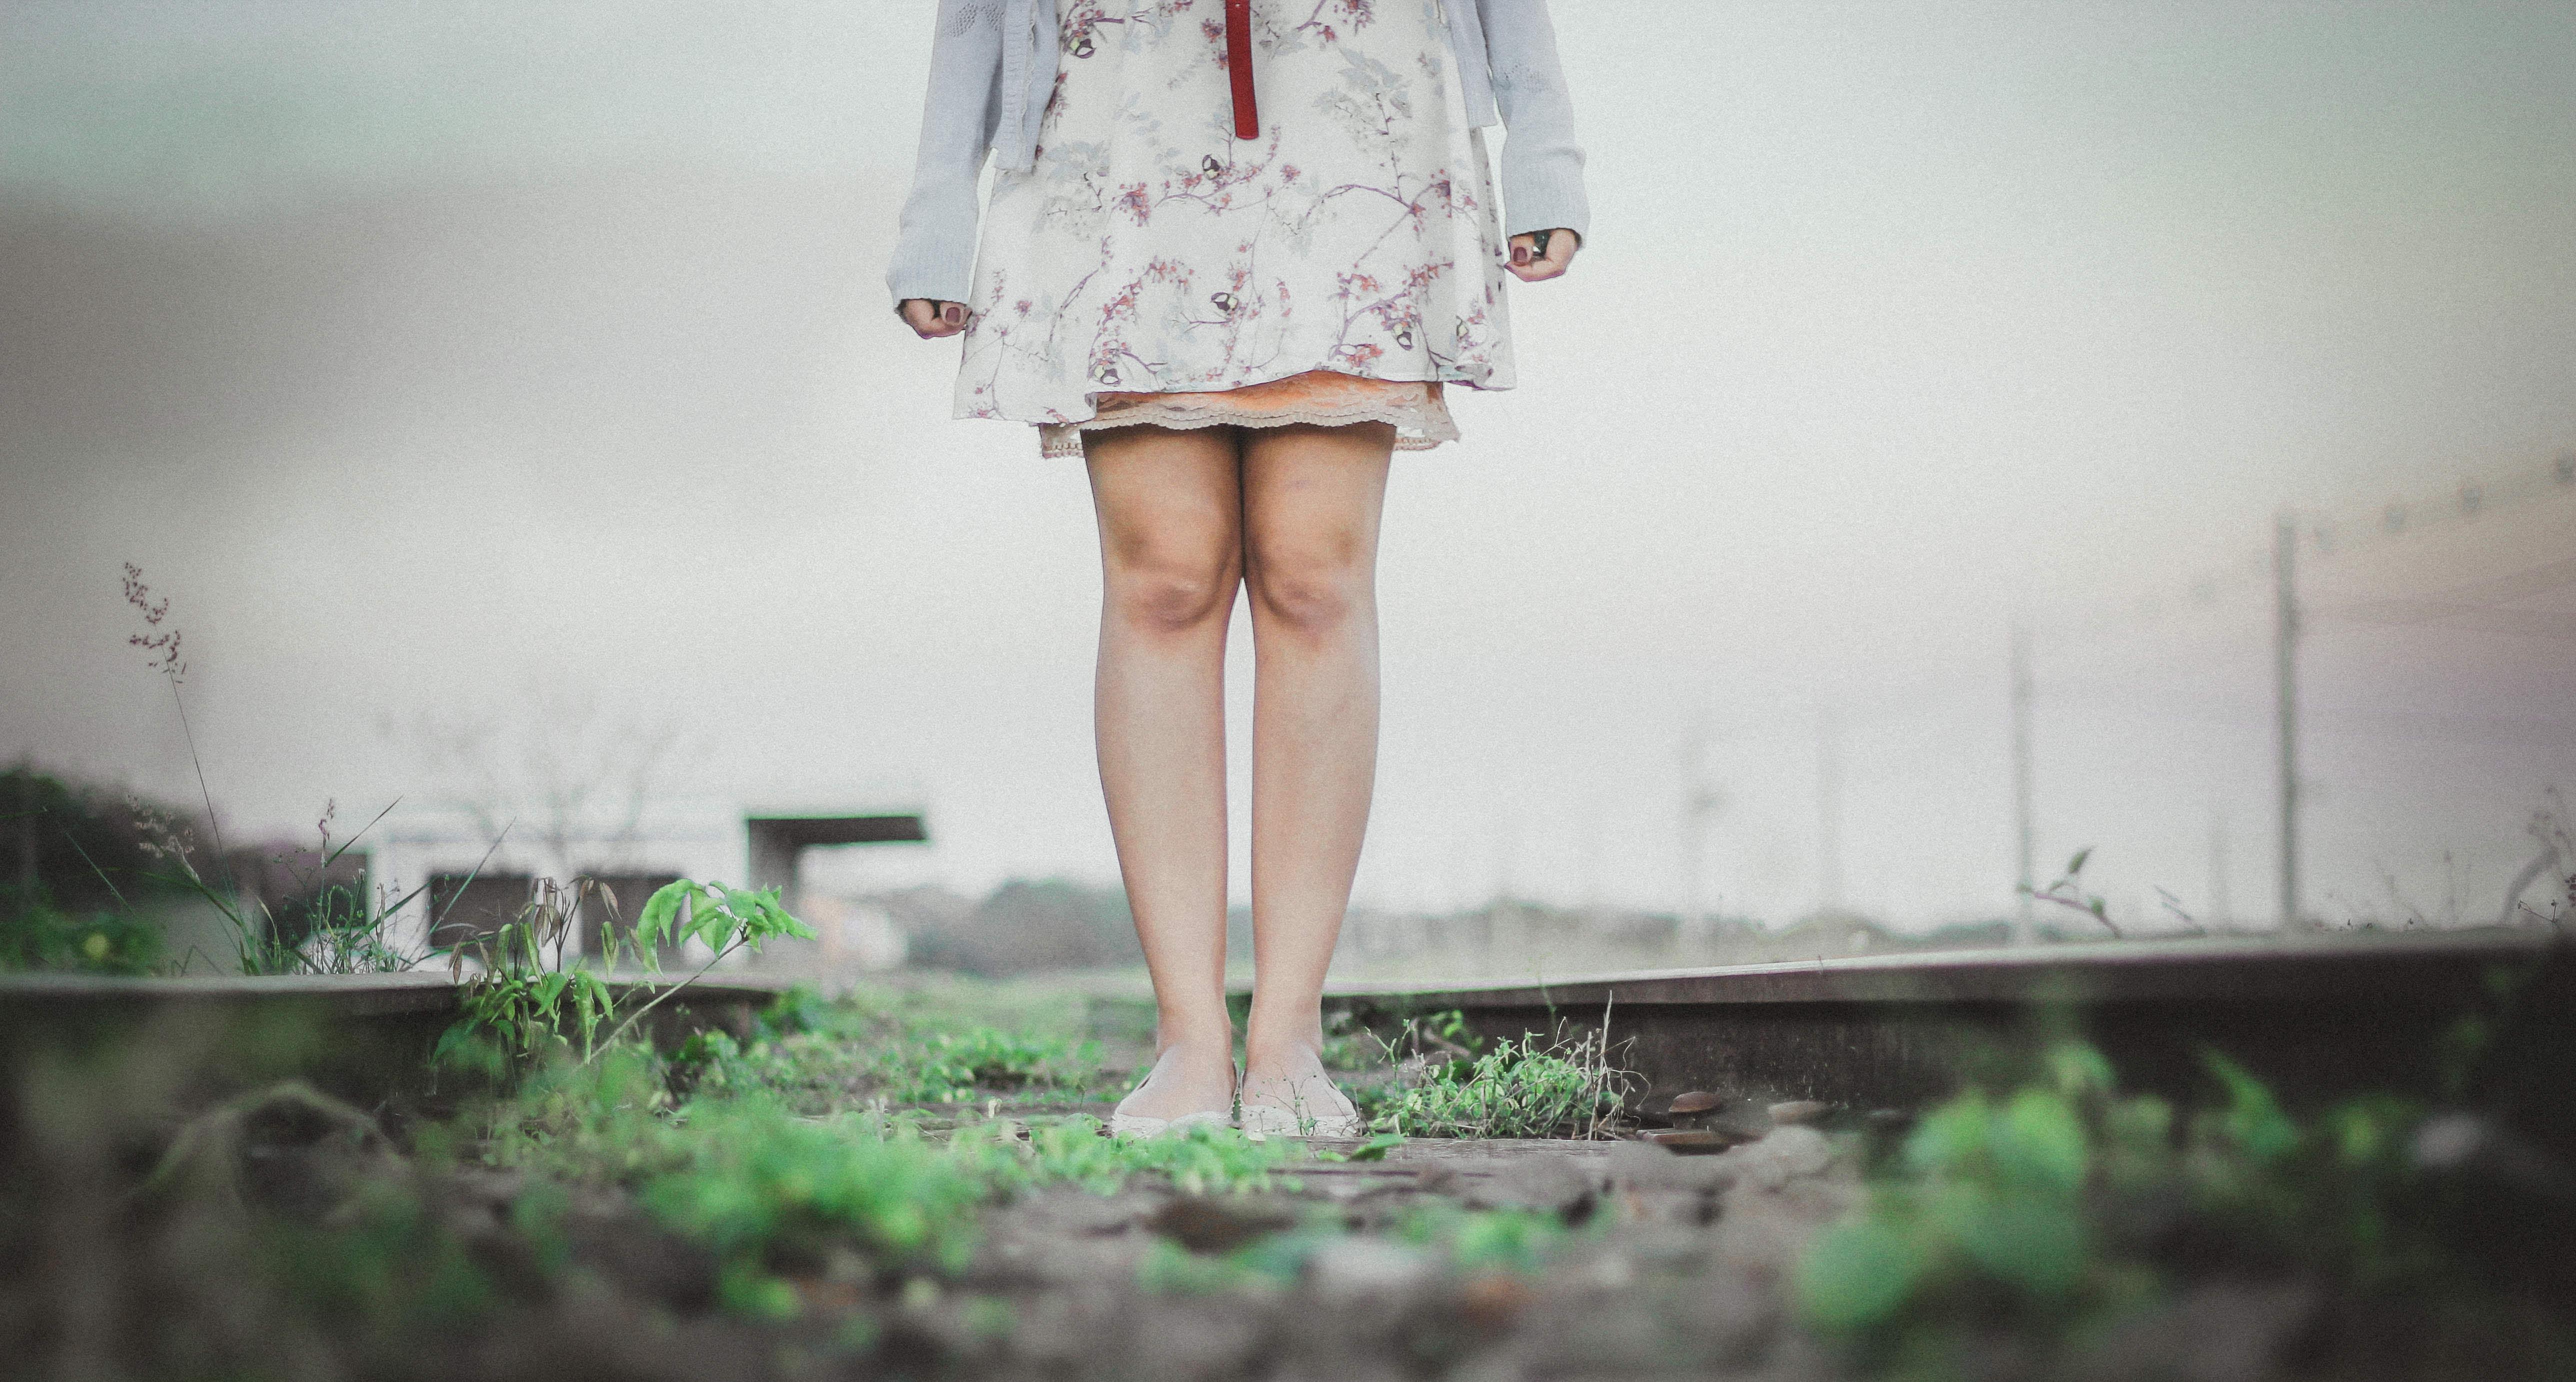 平坦的鞋底穿久脚底痛